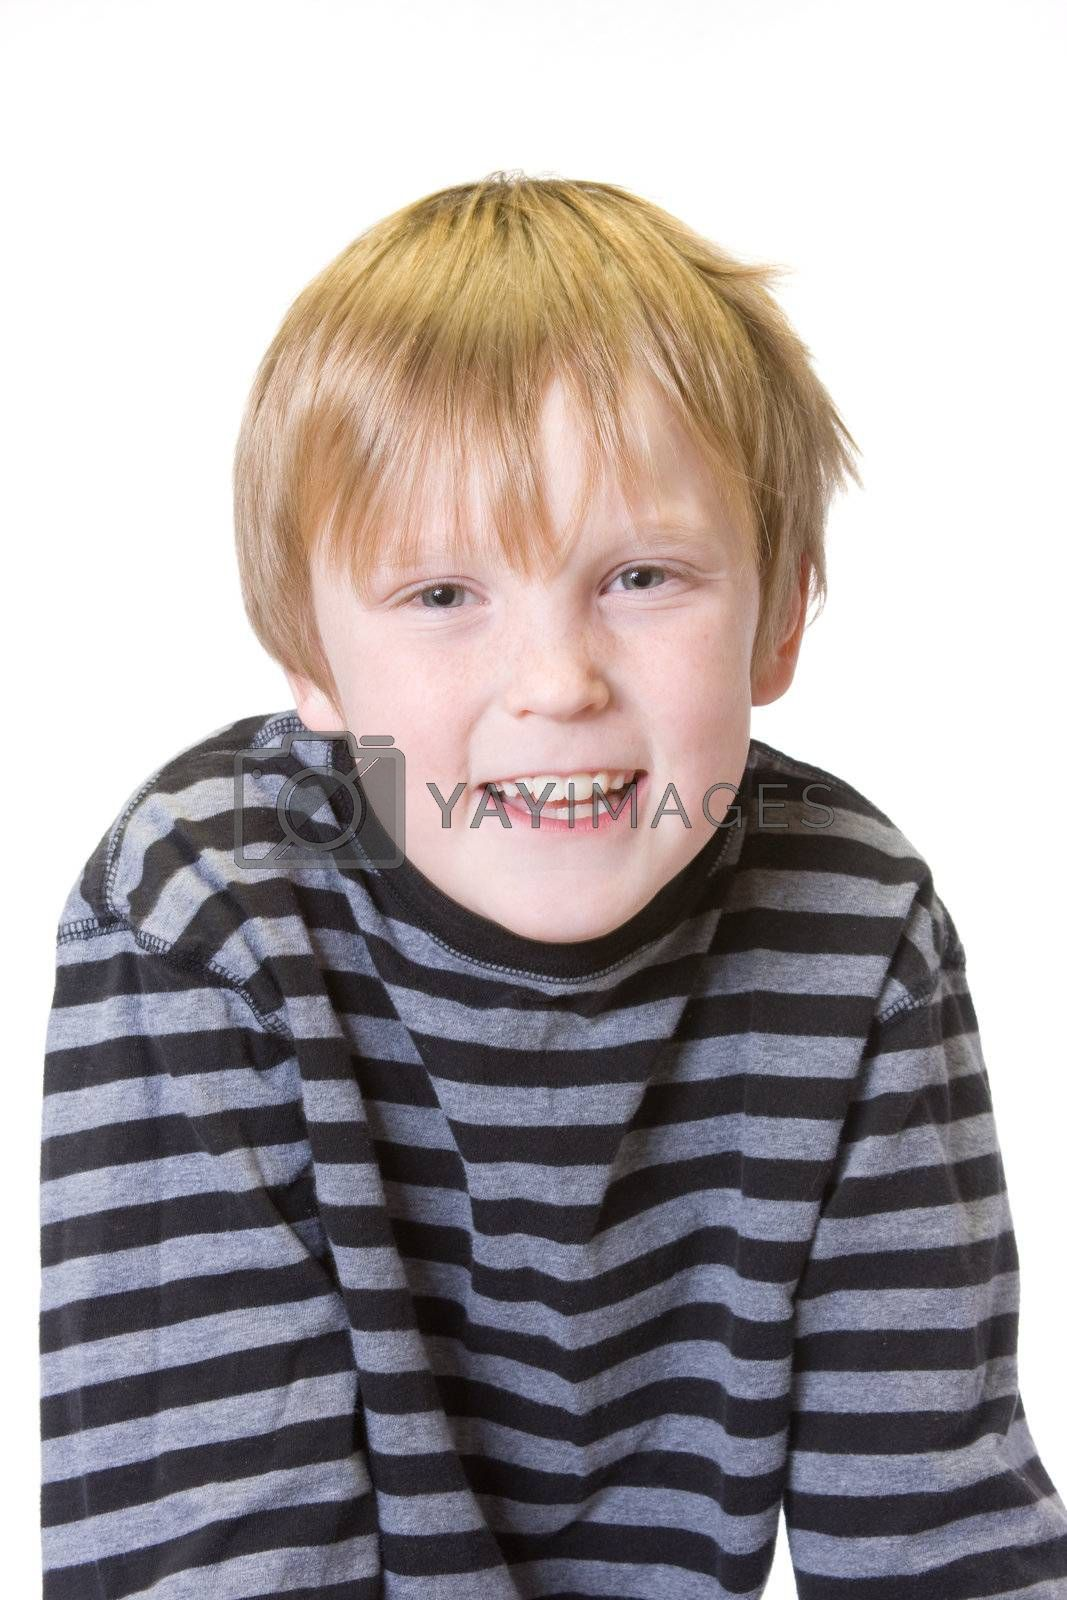 child 2 by smitea